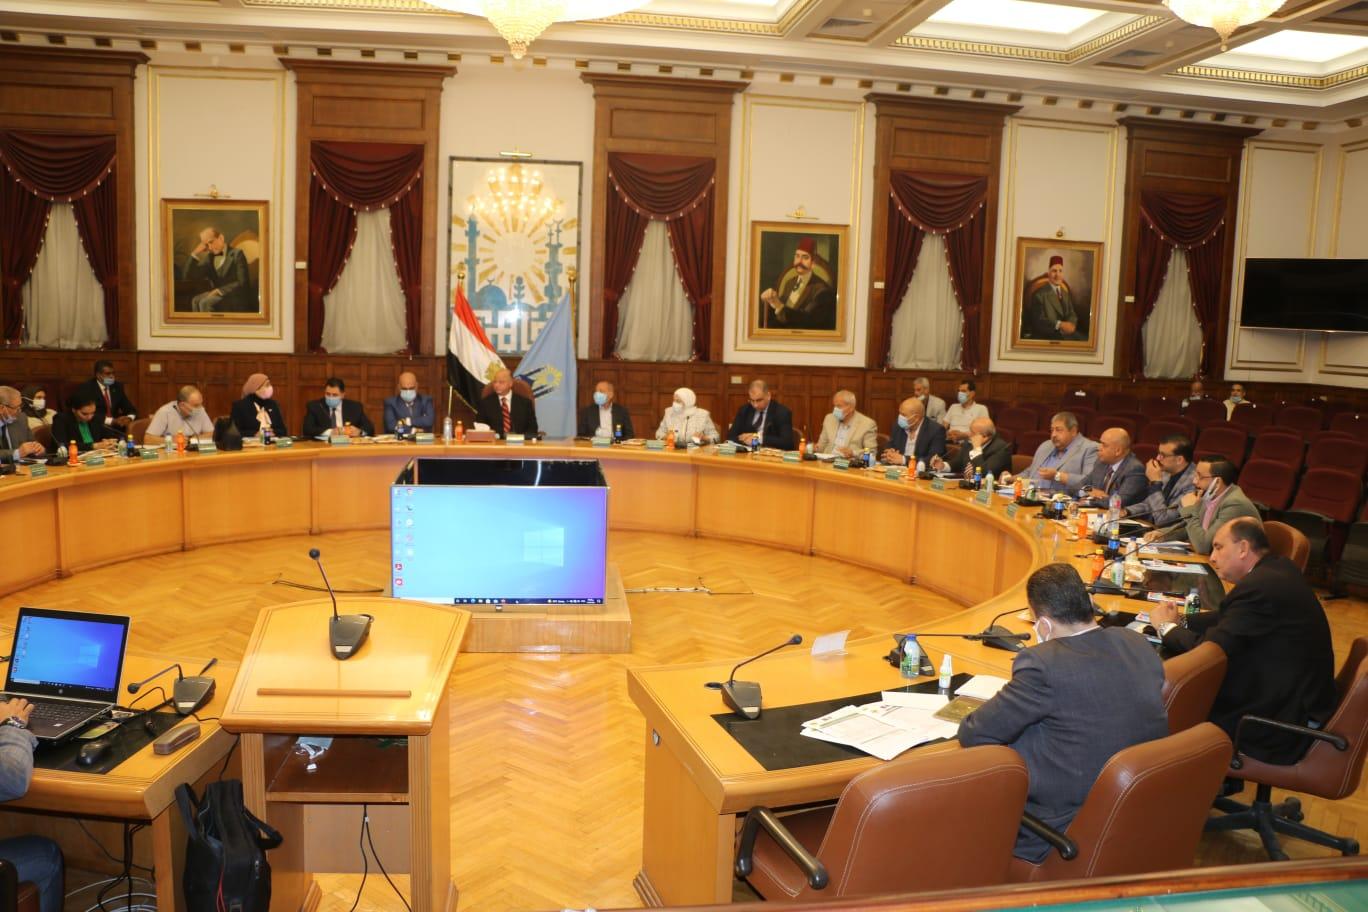 خالد عبدالعال يترأس اجتماع مجلس إدارة مركز معلومات شبكات مرافق القاهرة